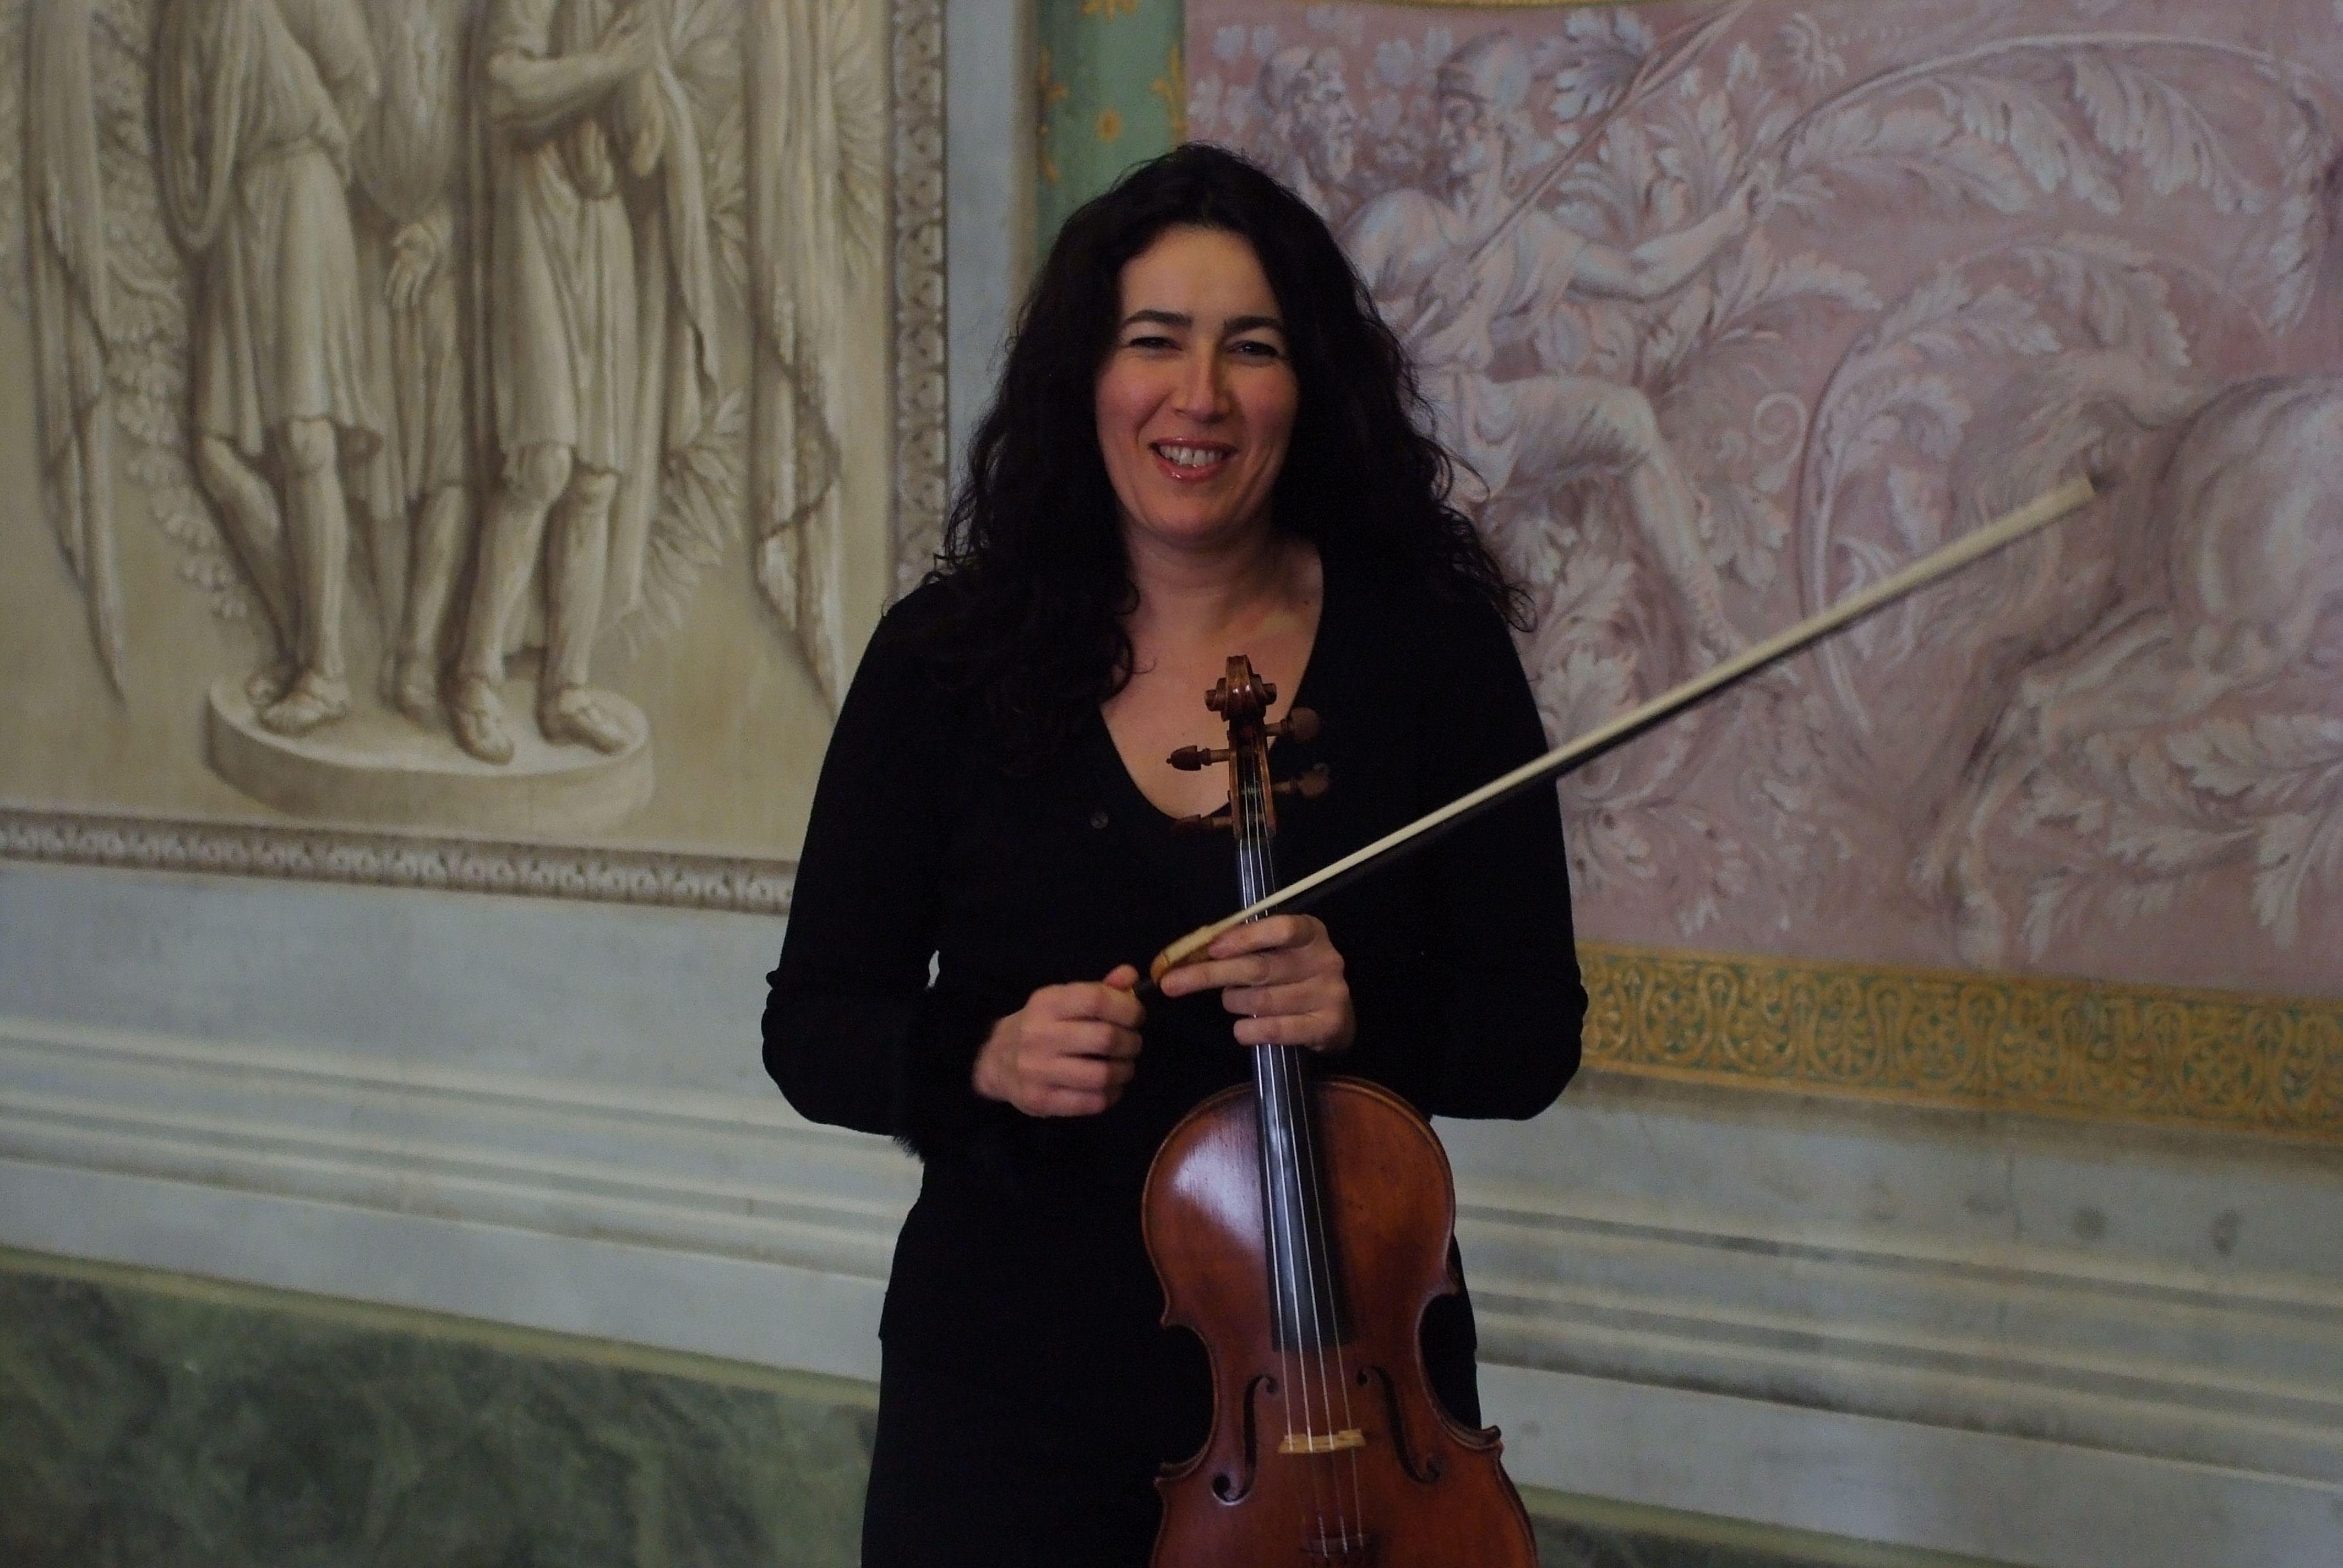 Teresa Ceccato